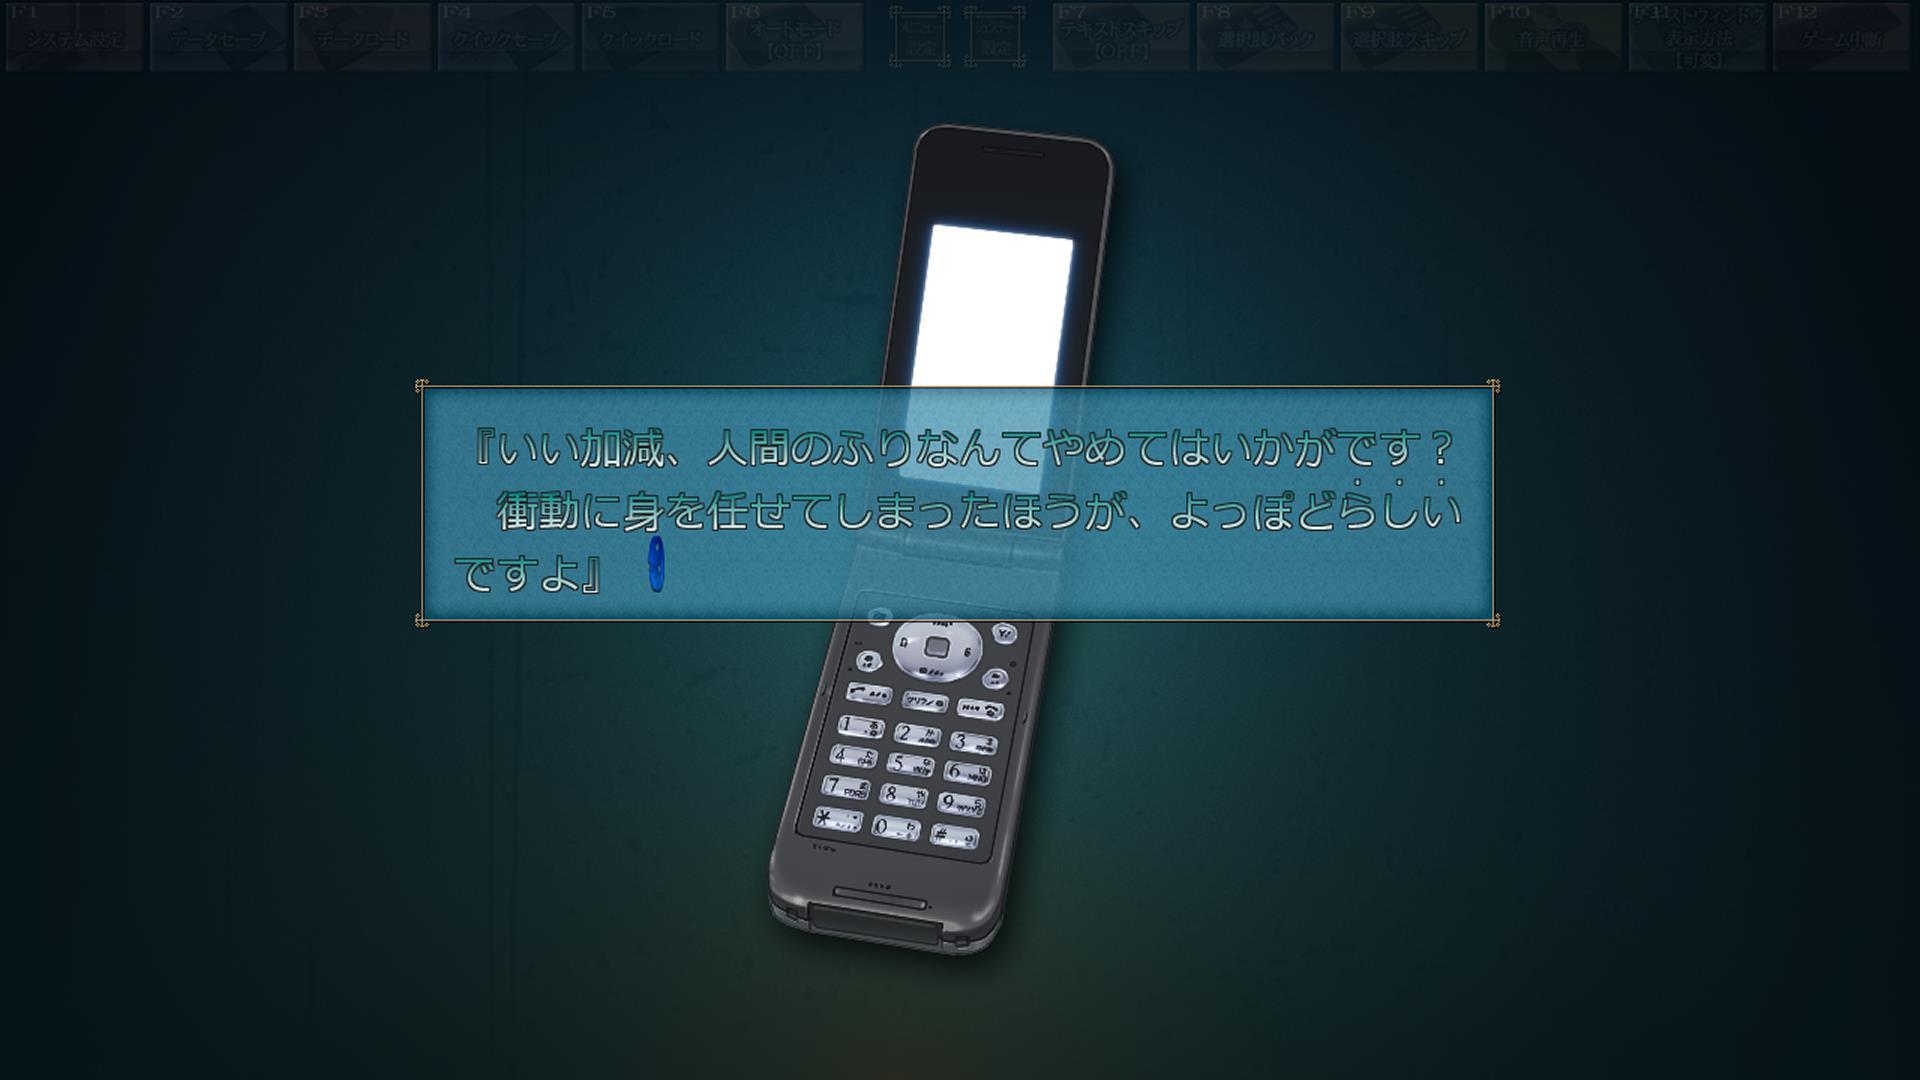 screeenshot-20200727211154854.jpg